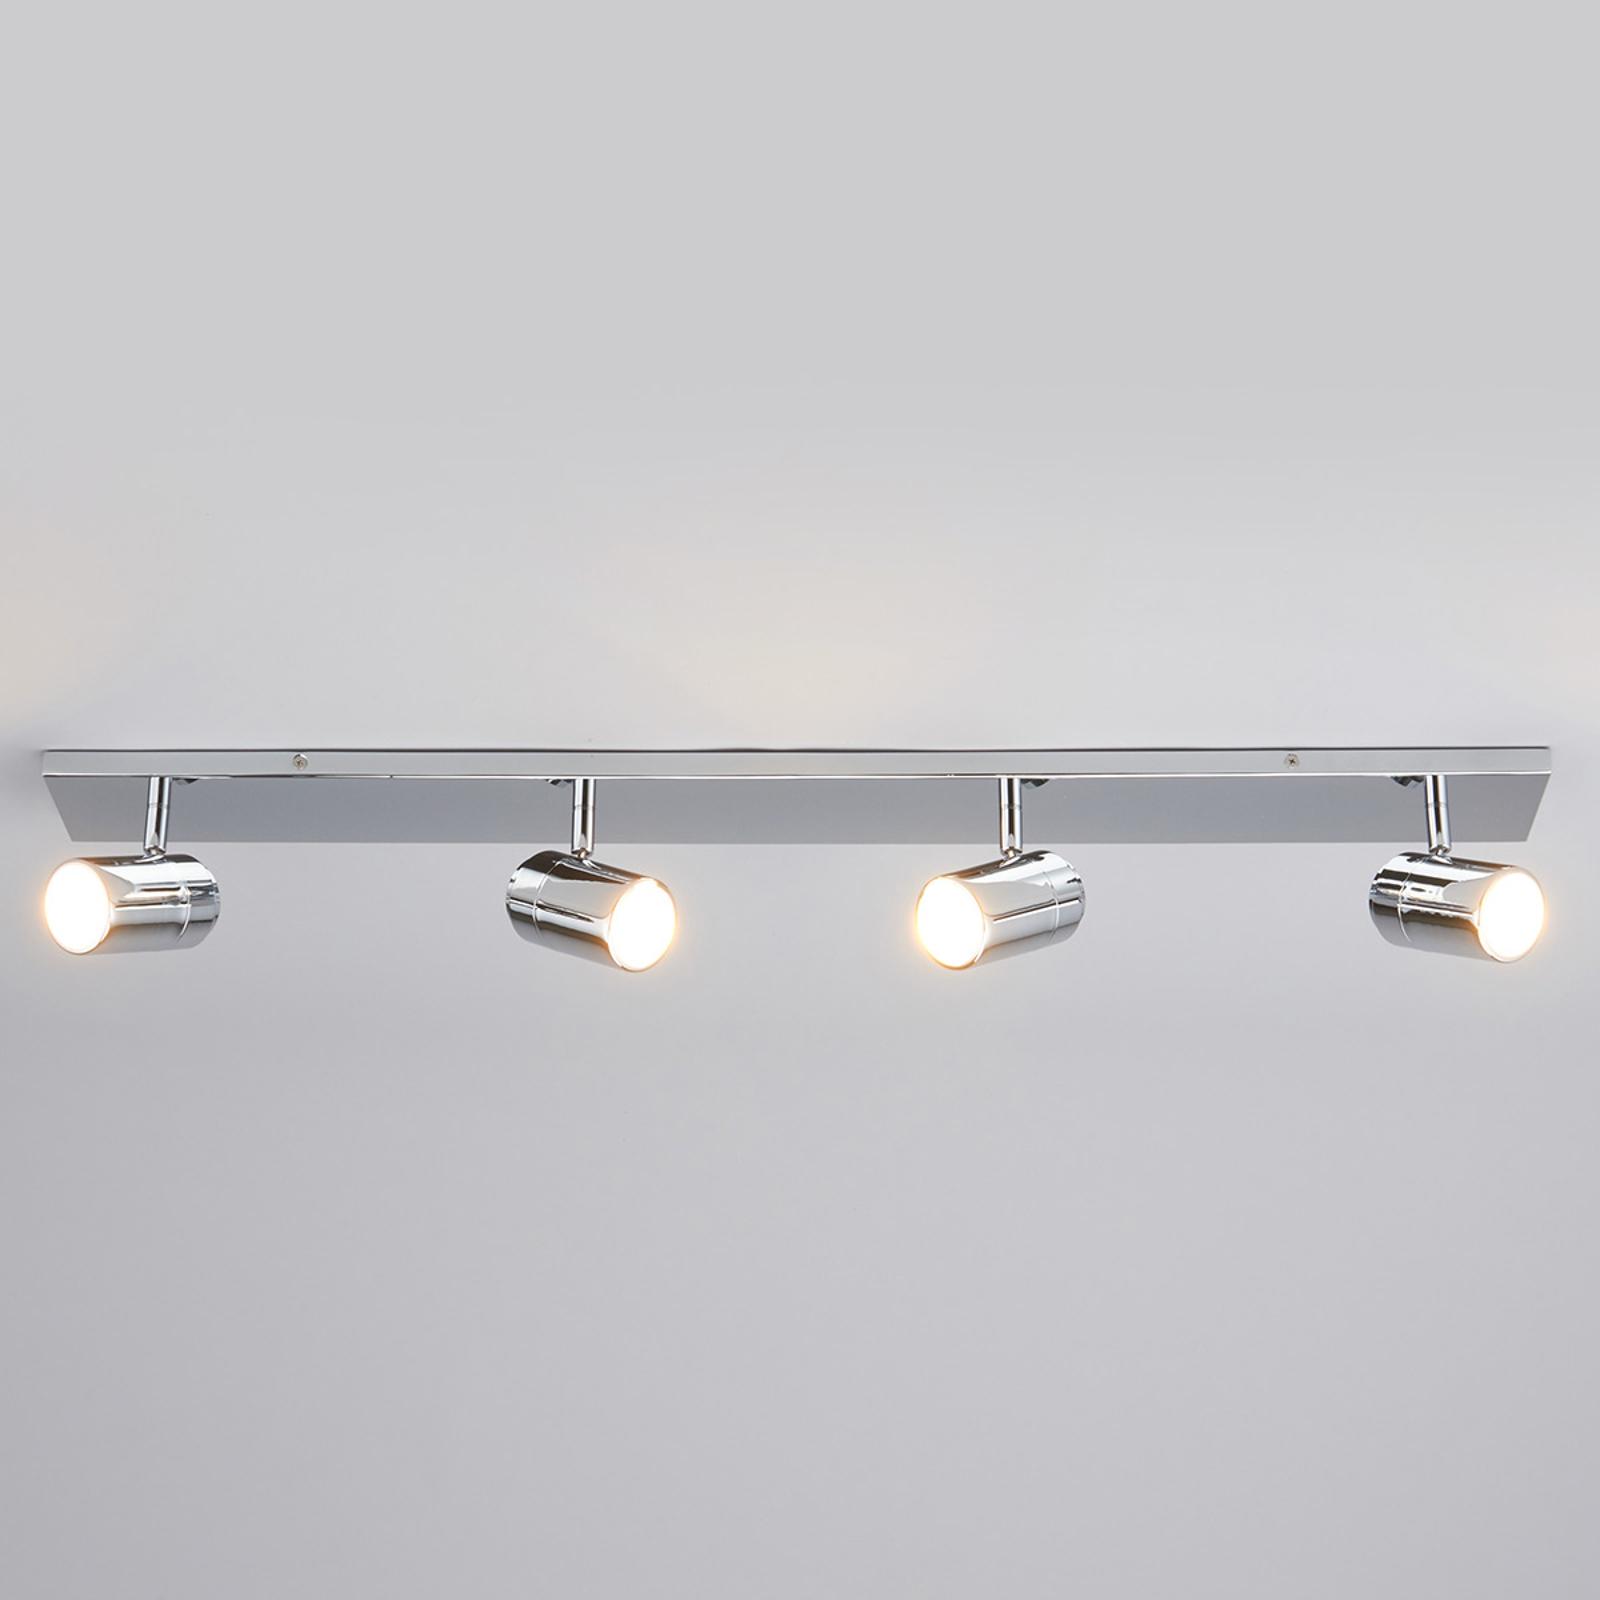 Dejan - badrumstaklampa, 4 ljuskällor